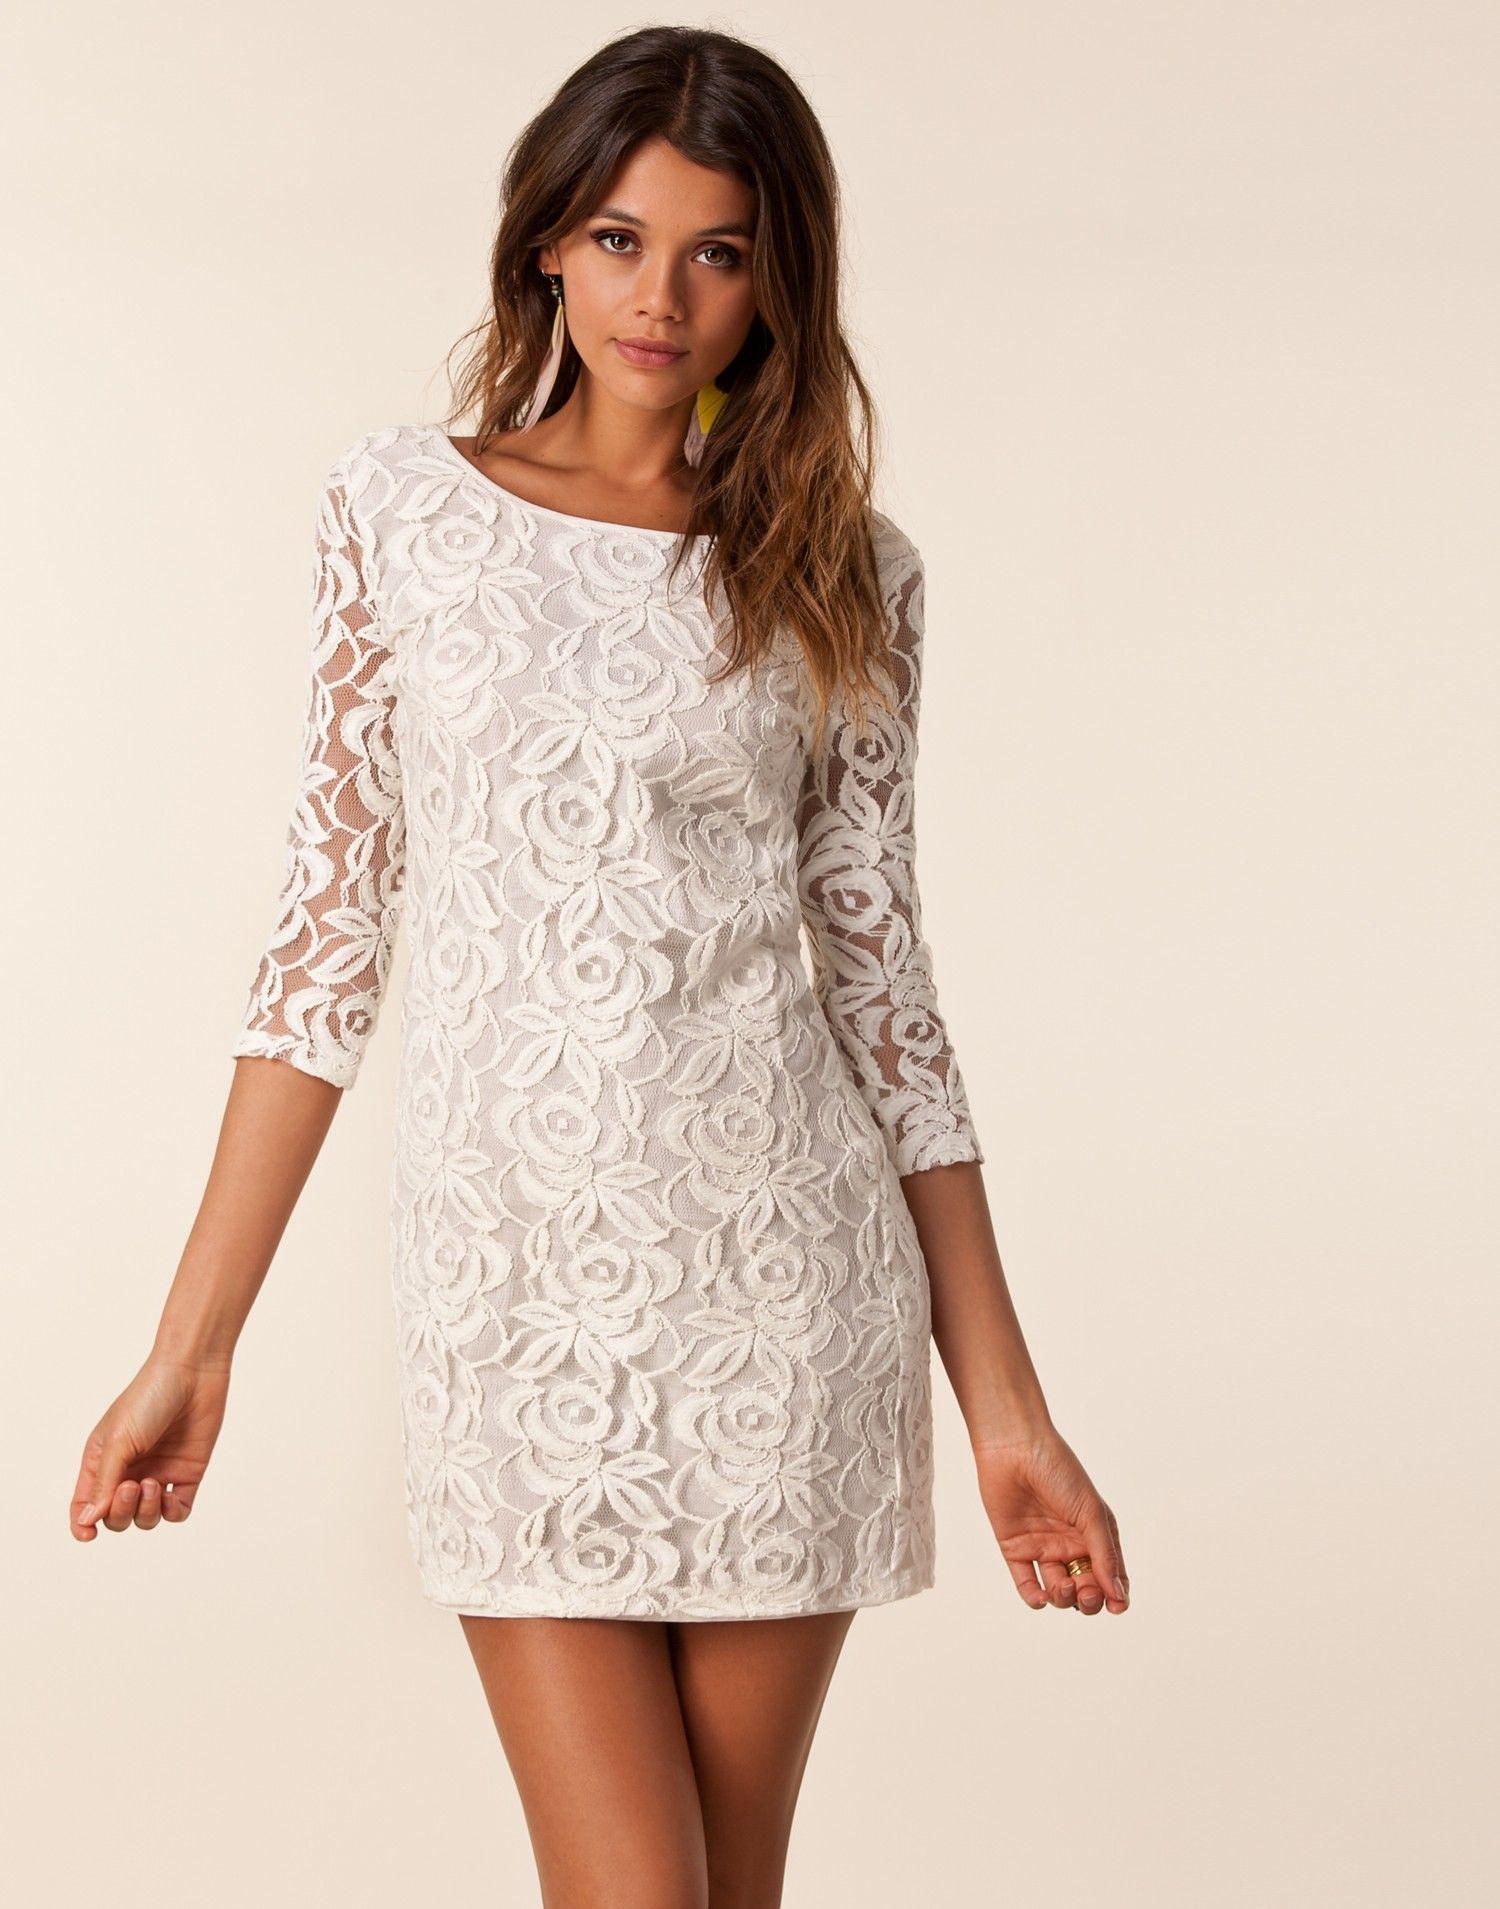 Modelleri ve elbise fiyatlar modasor com pictures to pin on pinterest - Do Um G N Elbise Modelleri Http Www Enyeniabiyemodelleri Com Dogum